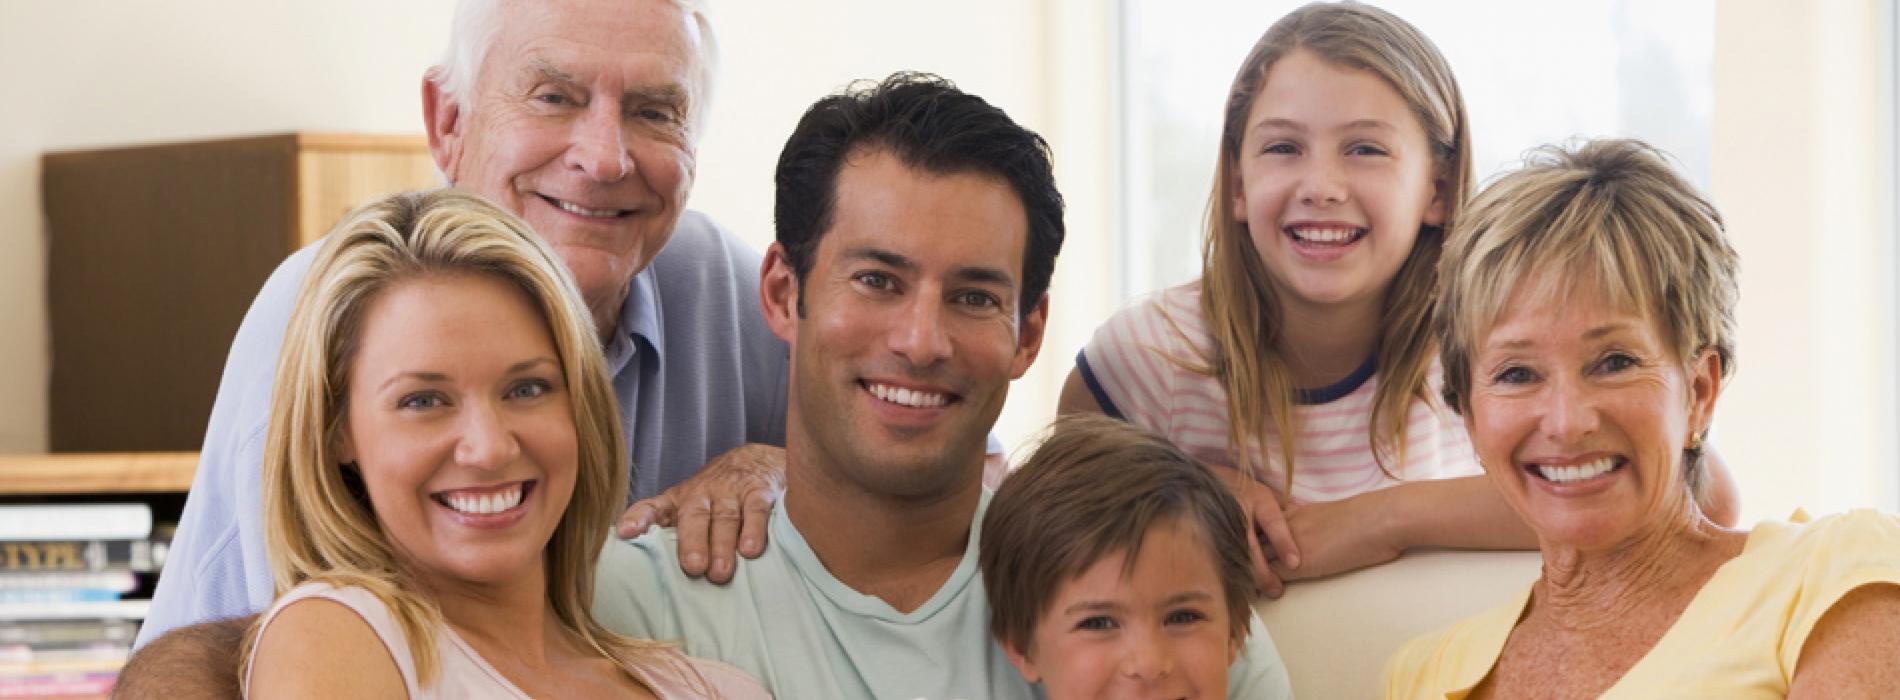 Mediáció a családban - párbeszéd a generációk között - lehet-e a nagyszülő mediátor?